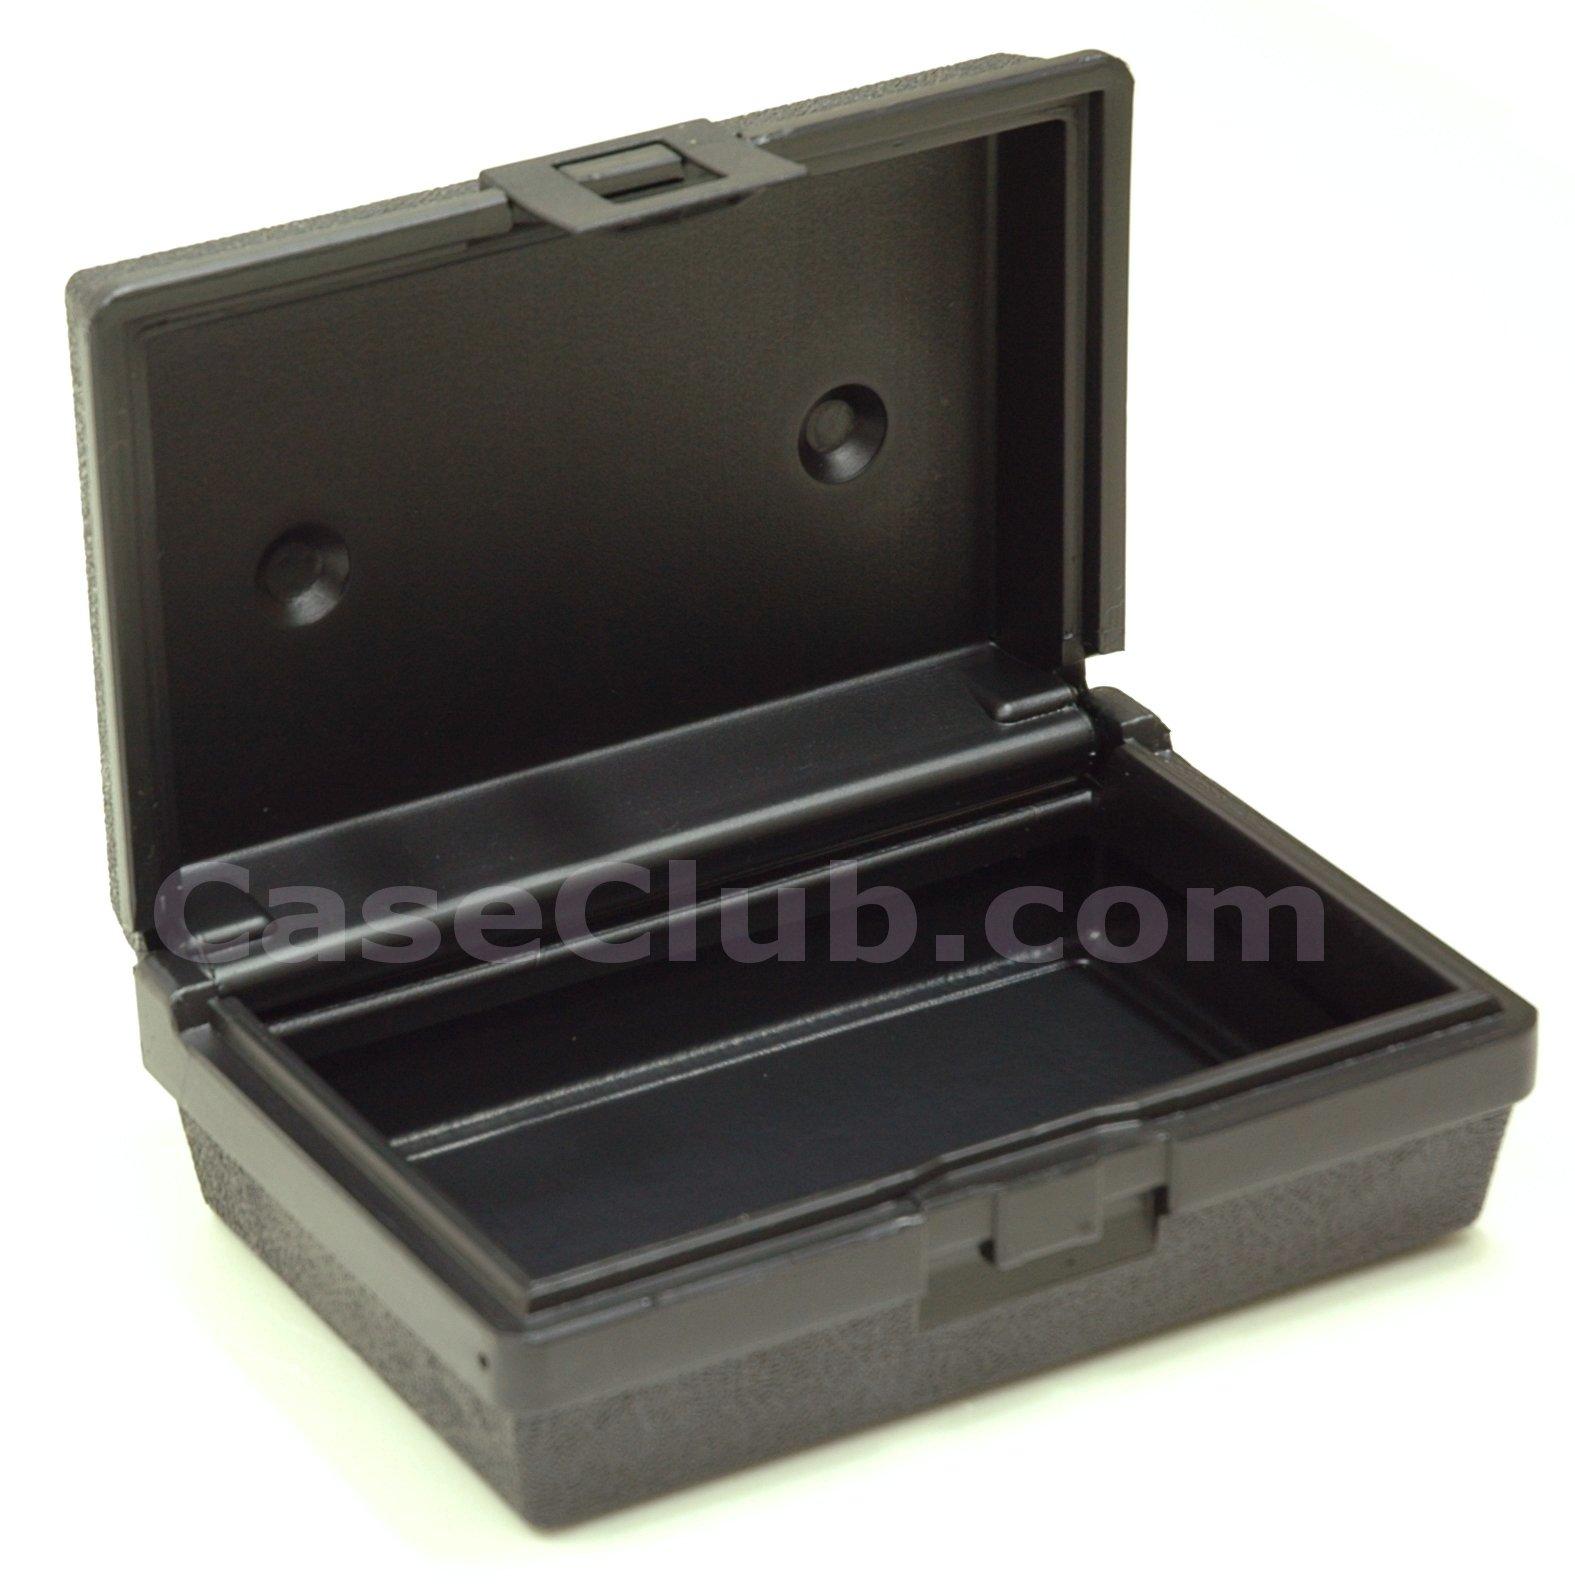 W8.0x5.5x3.0 Case